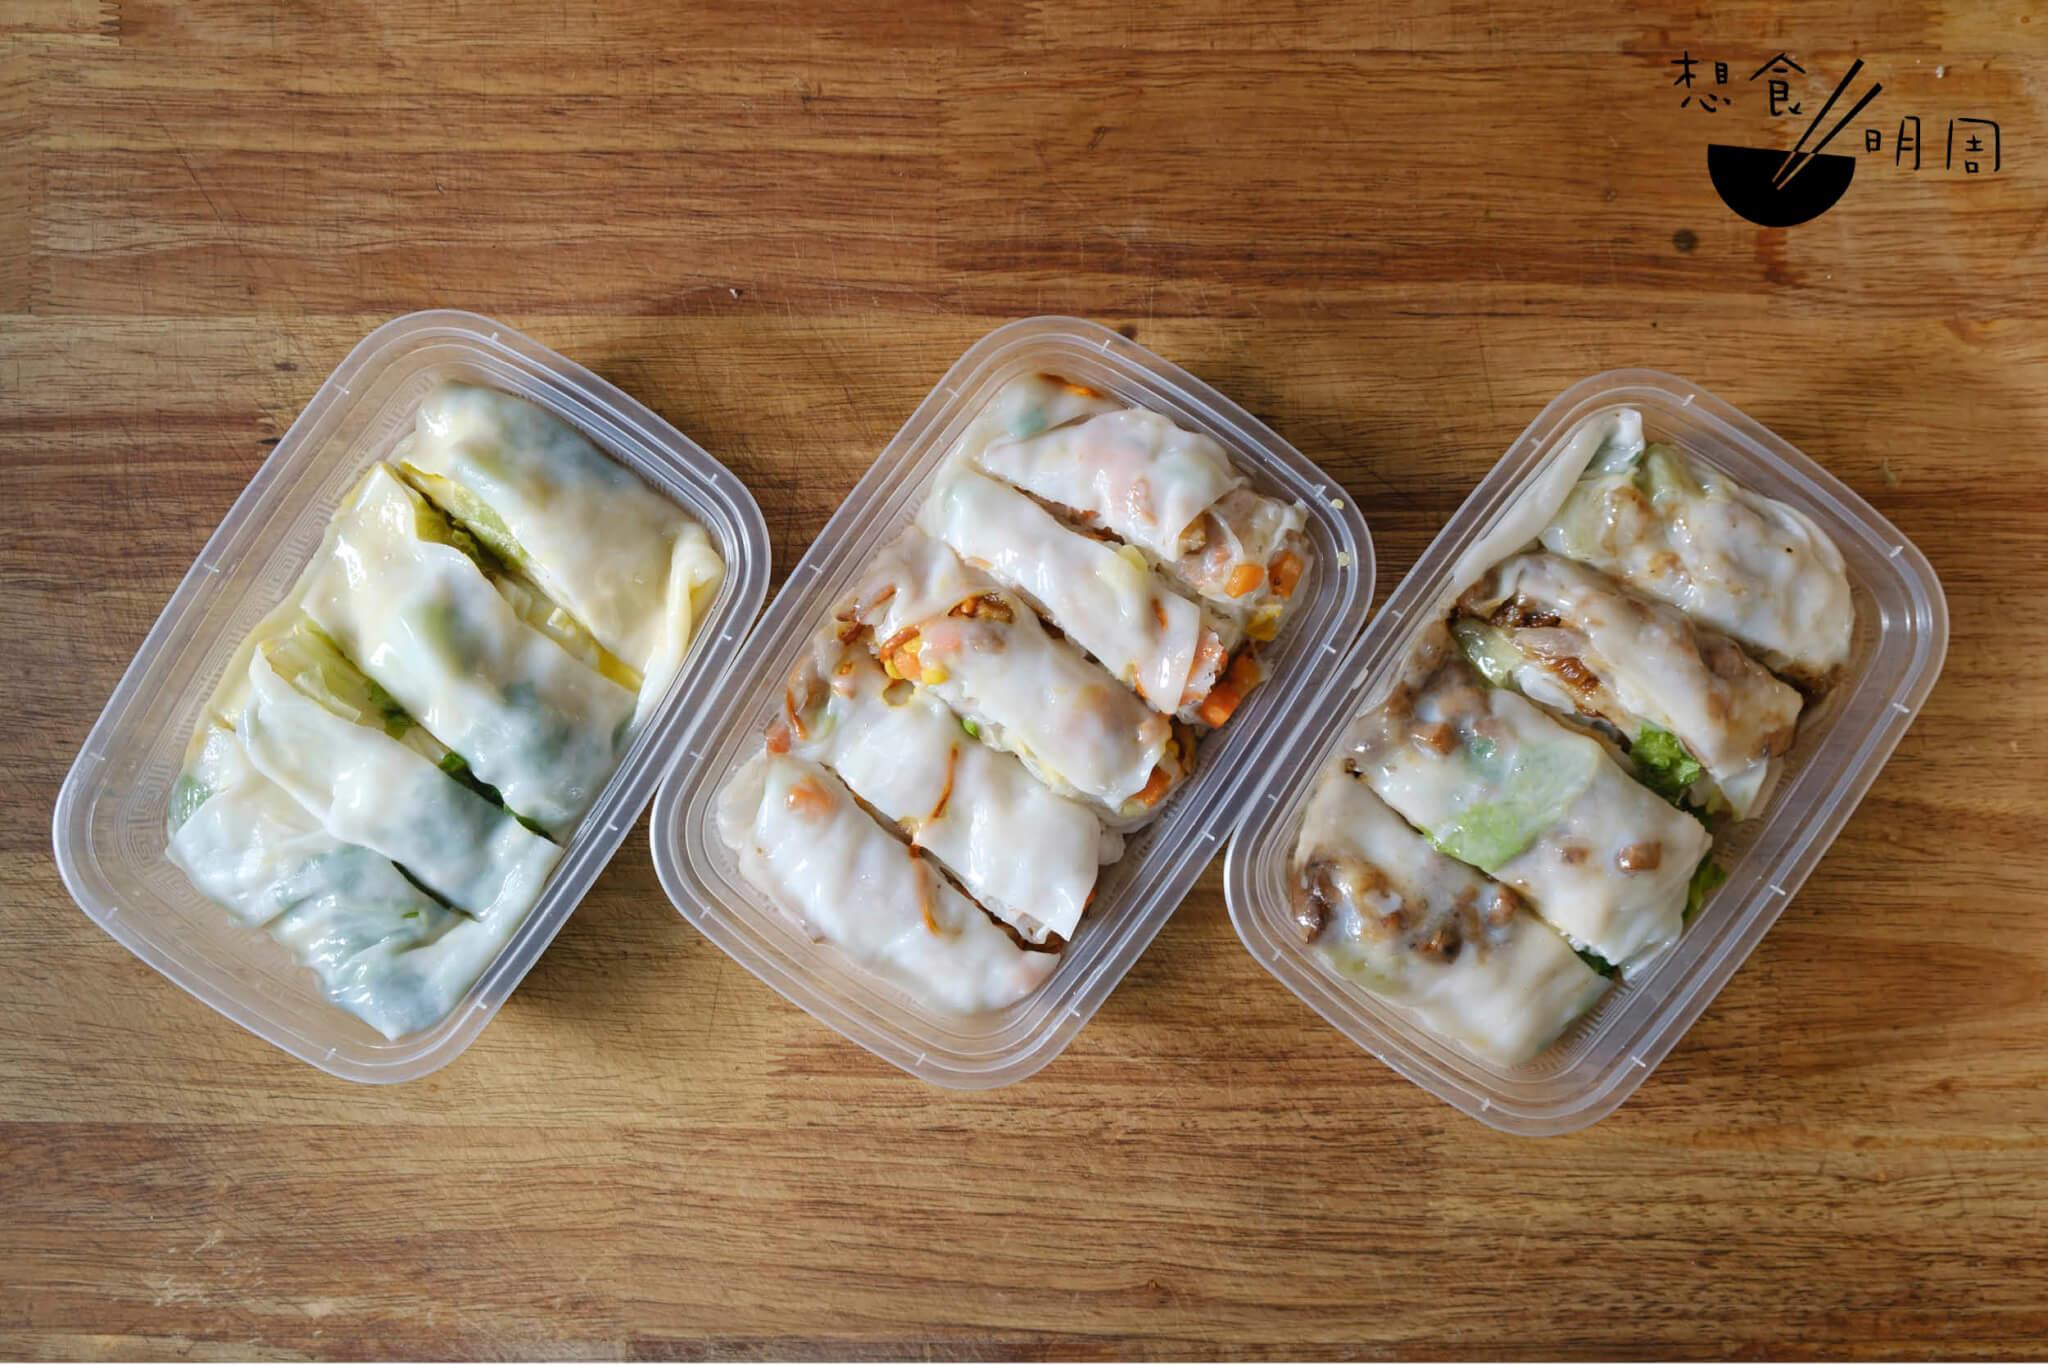 左起:生菜雞蛋腸($18)、蟲草花上素腸($25)、西班牙照燒黑豚肉腸 ($28)